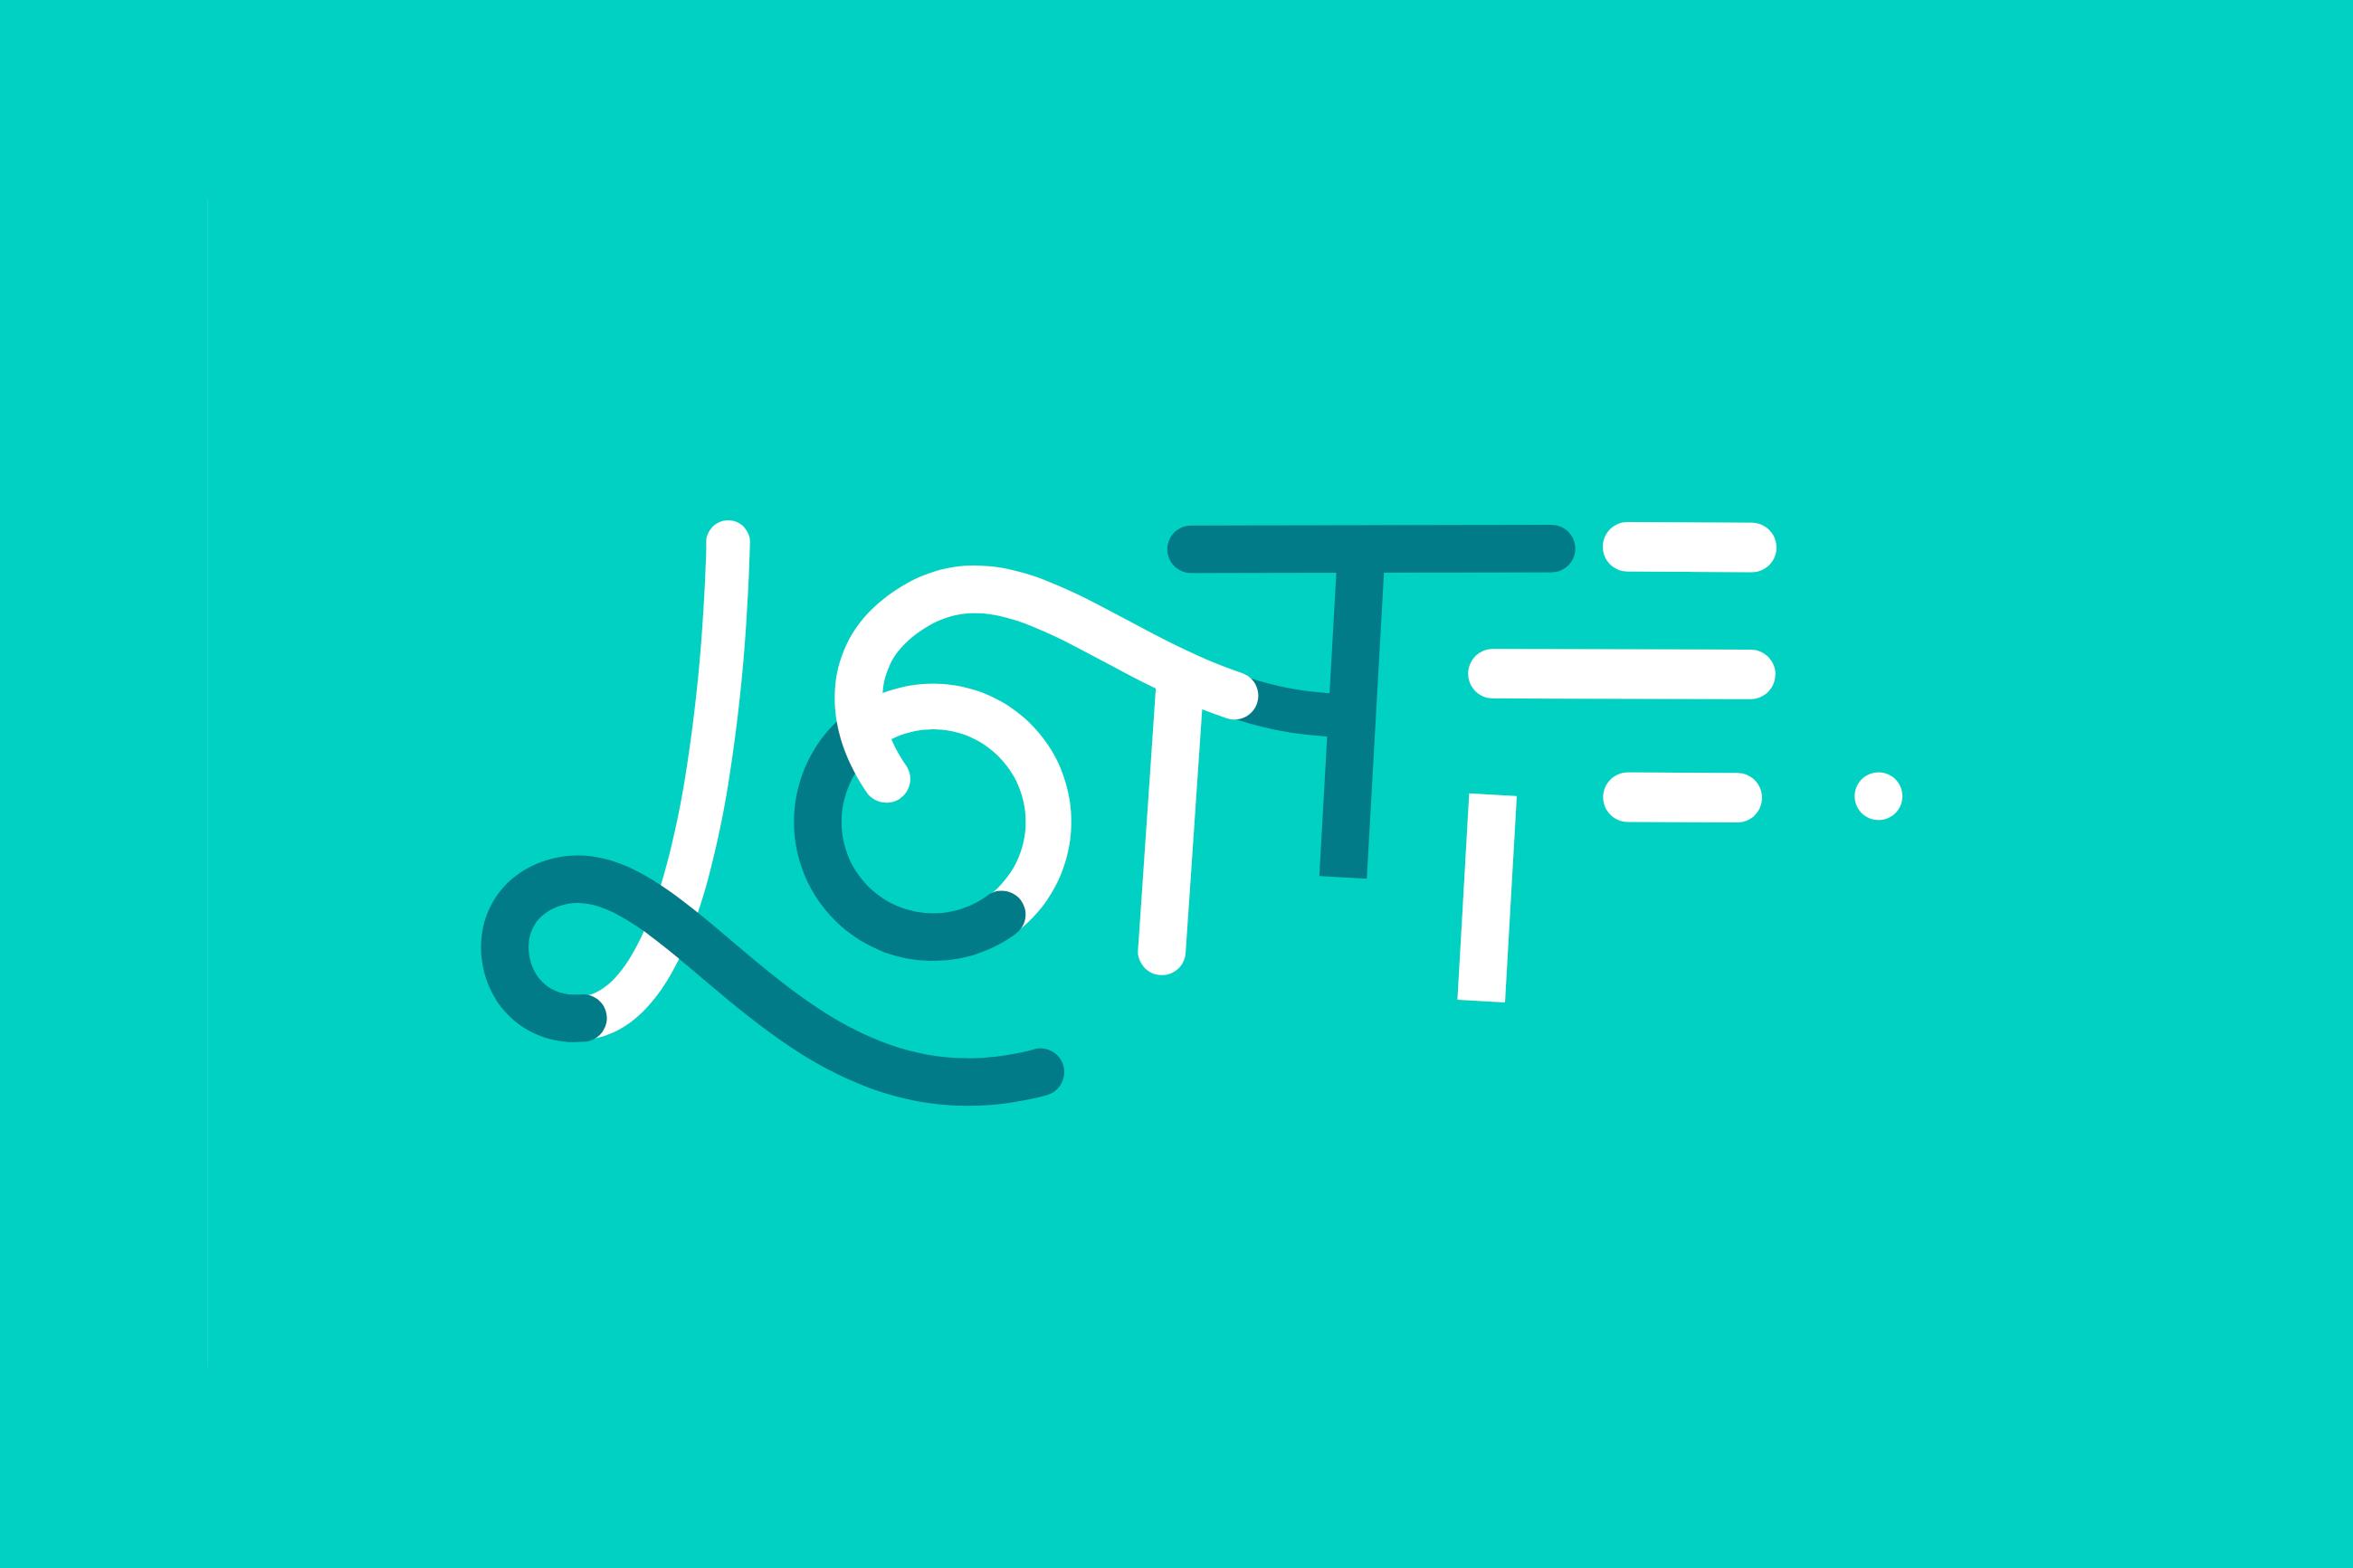 Whole lotta Lottie: An open-source animation rendering tool